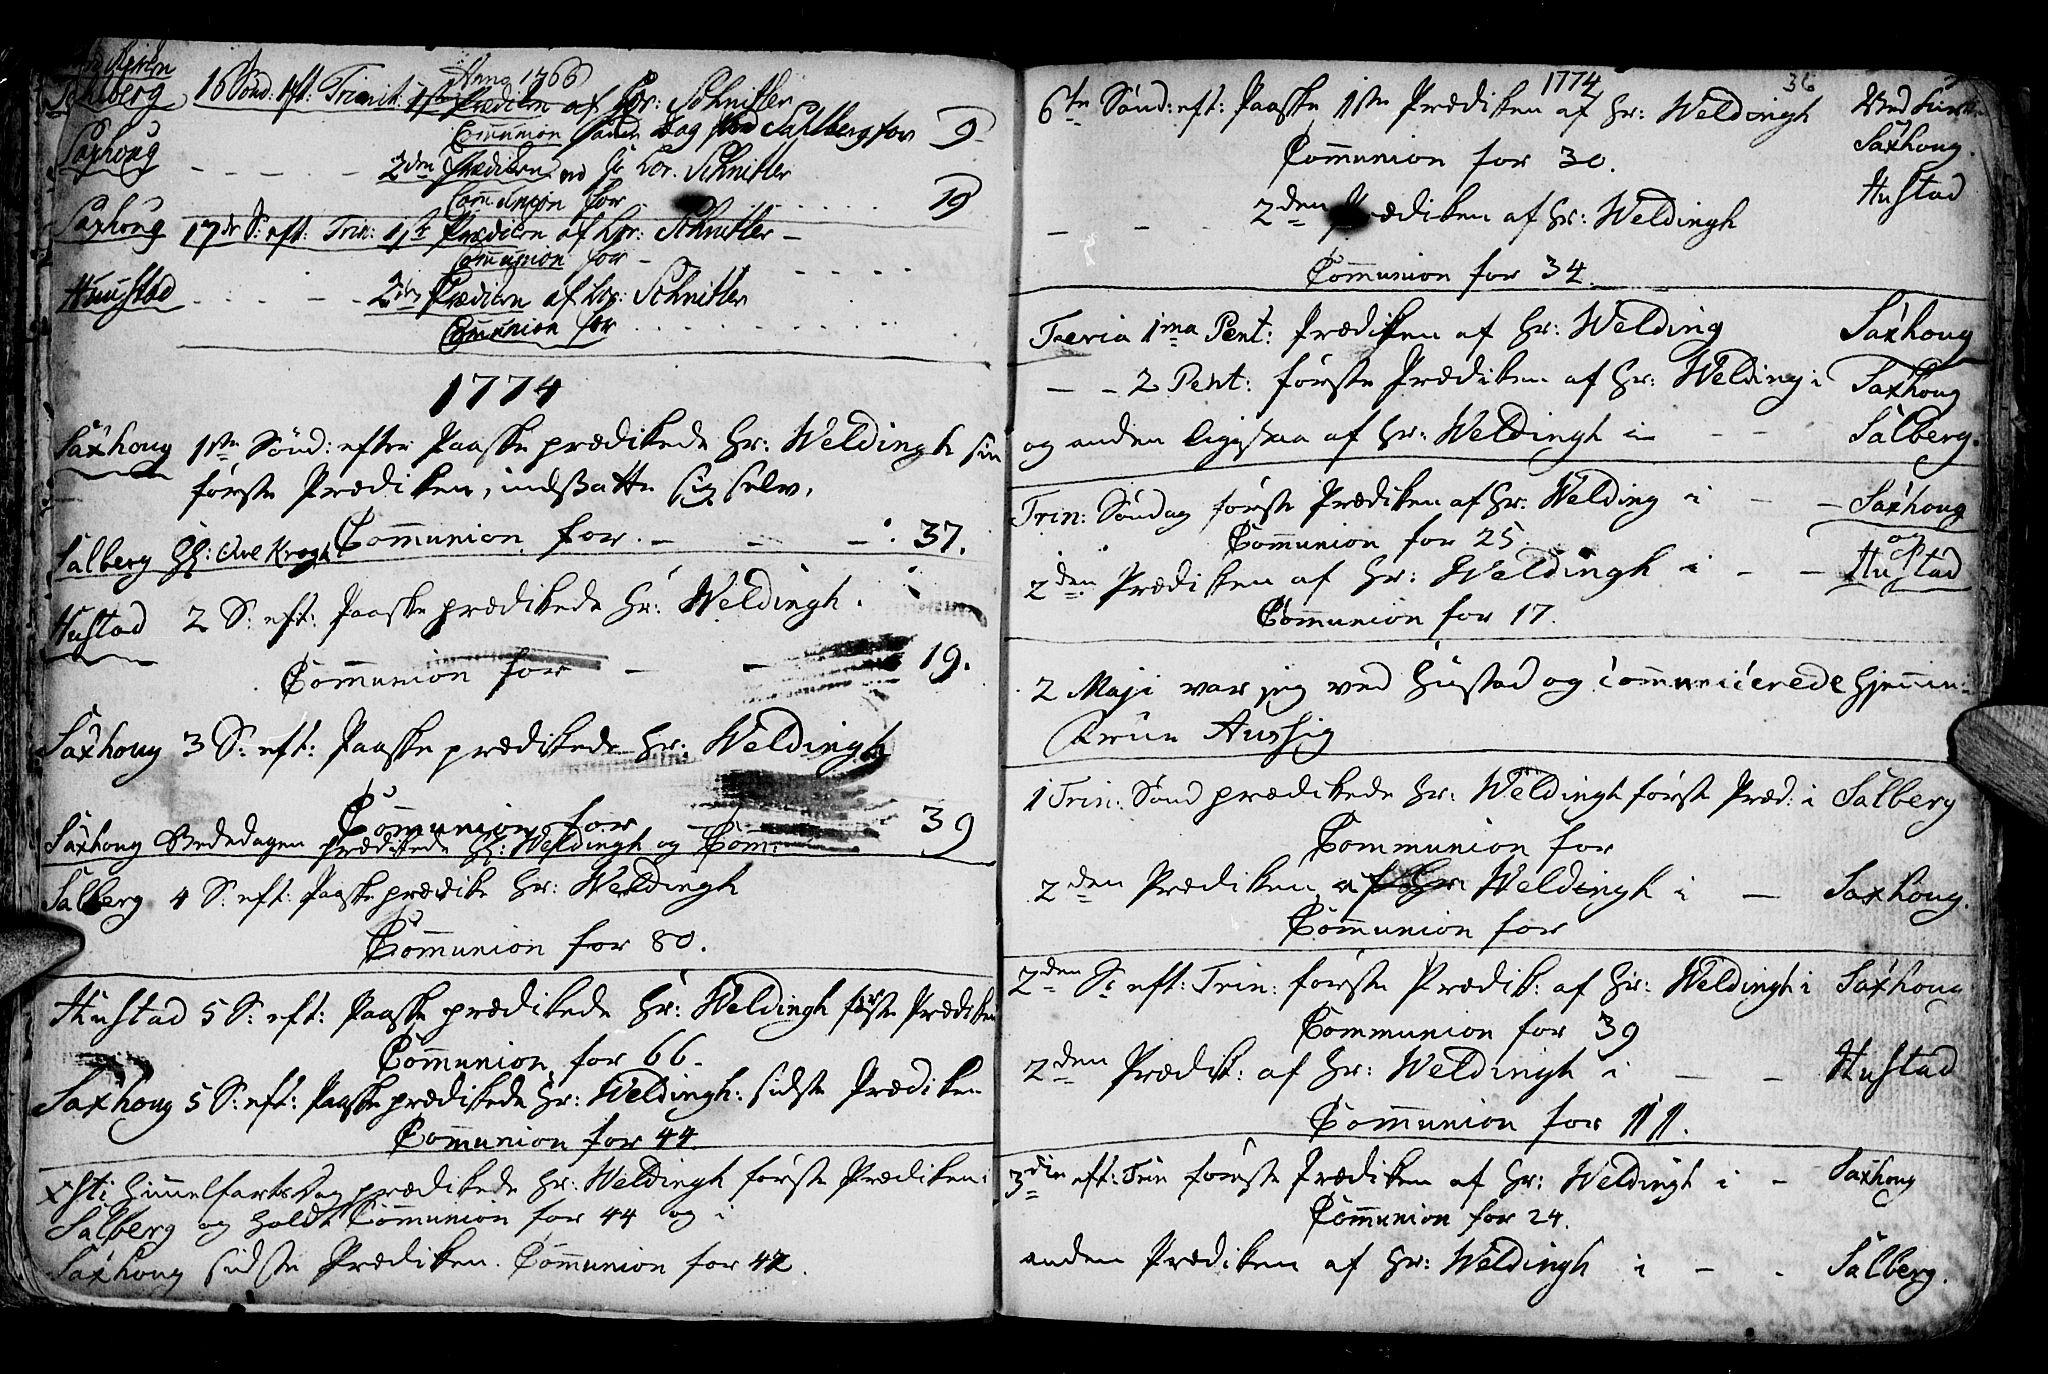 SAT, Ministerialprotokoller, klokkerbøker og fødselsregistre - Nord-Trøndelag, 730/L0273: Ministerialbok nr. 730A02, 1762-1802, s. 36